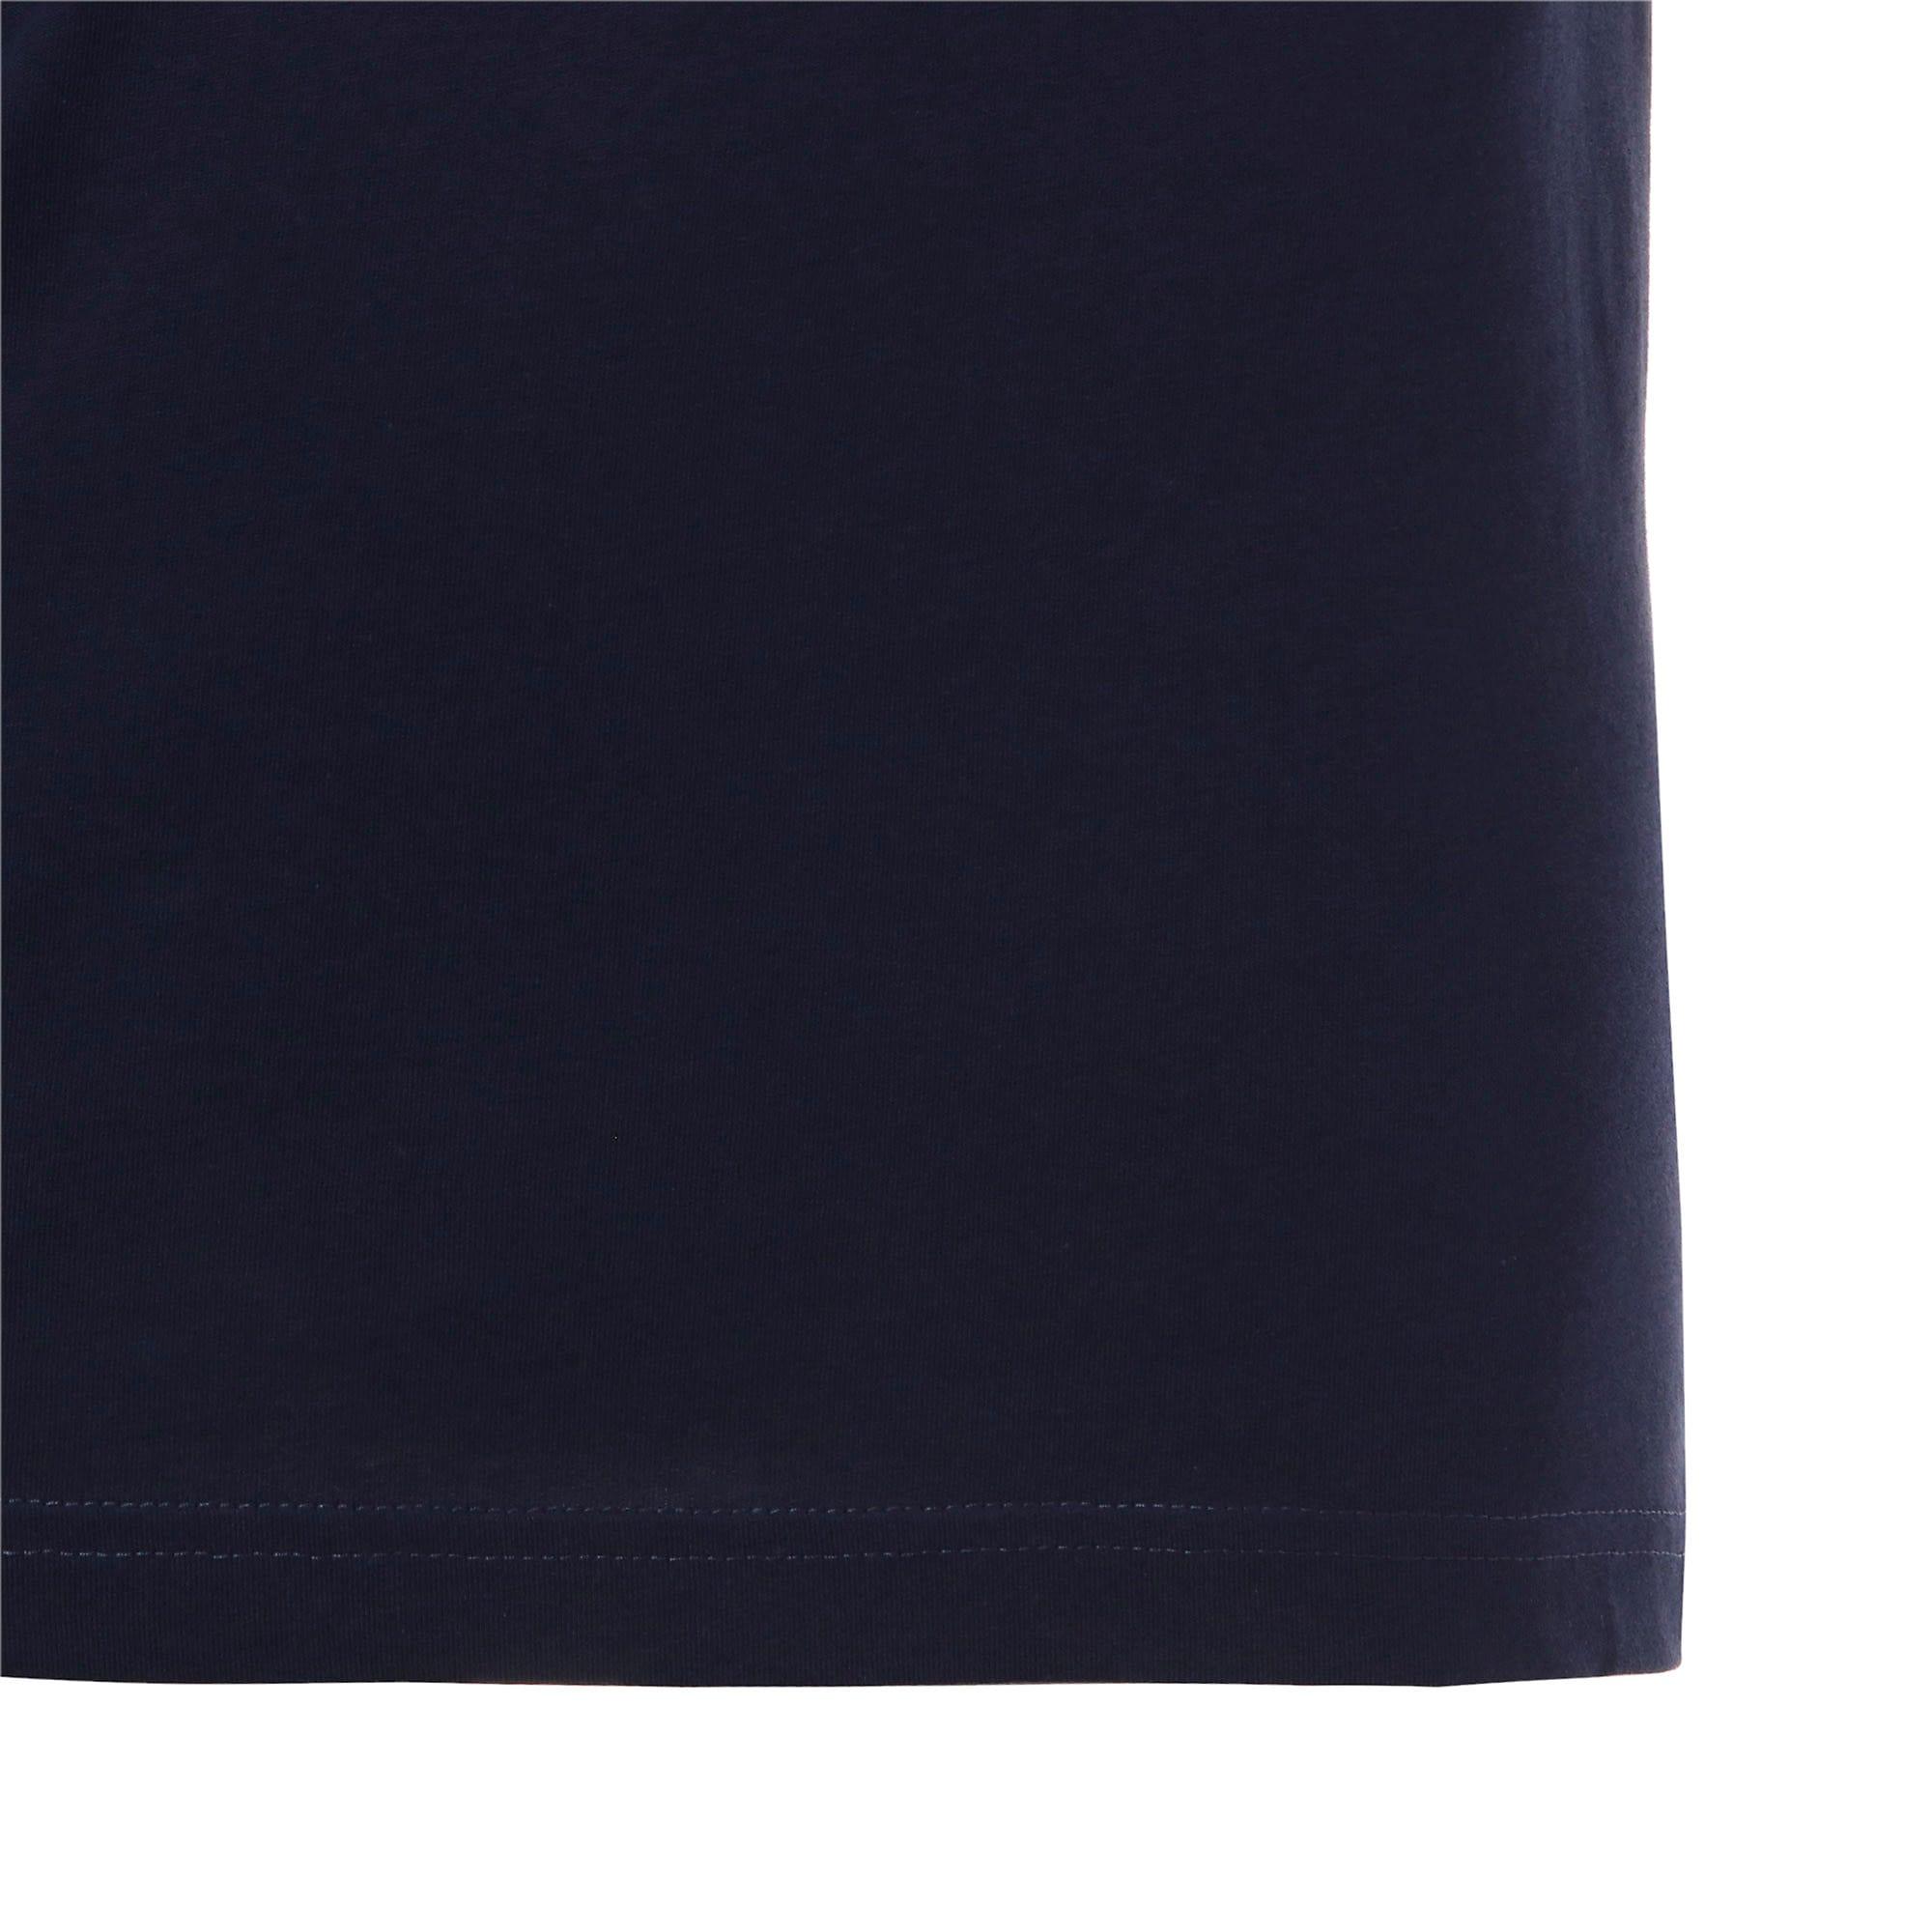 Thumbnail 9 of CLASSICS ロゴ SS Tシャツ (半袖), Peacoat, medium-JPN